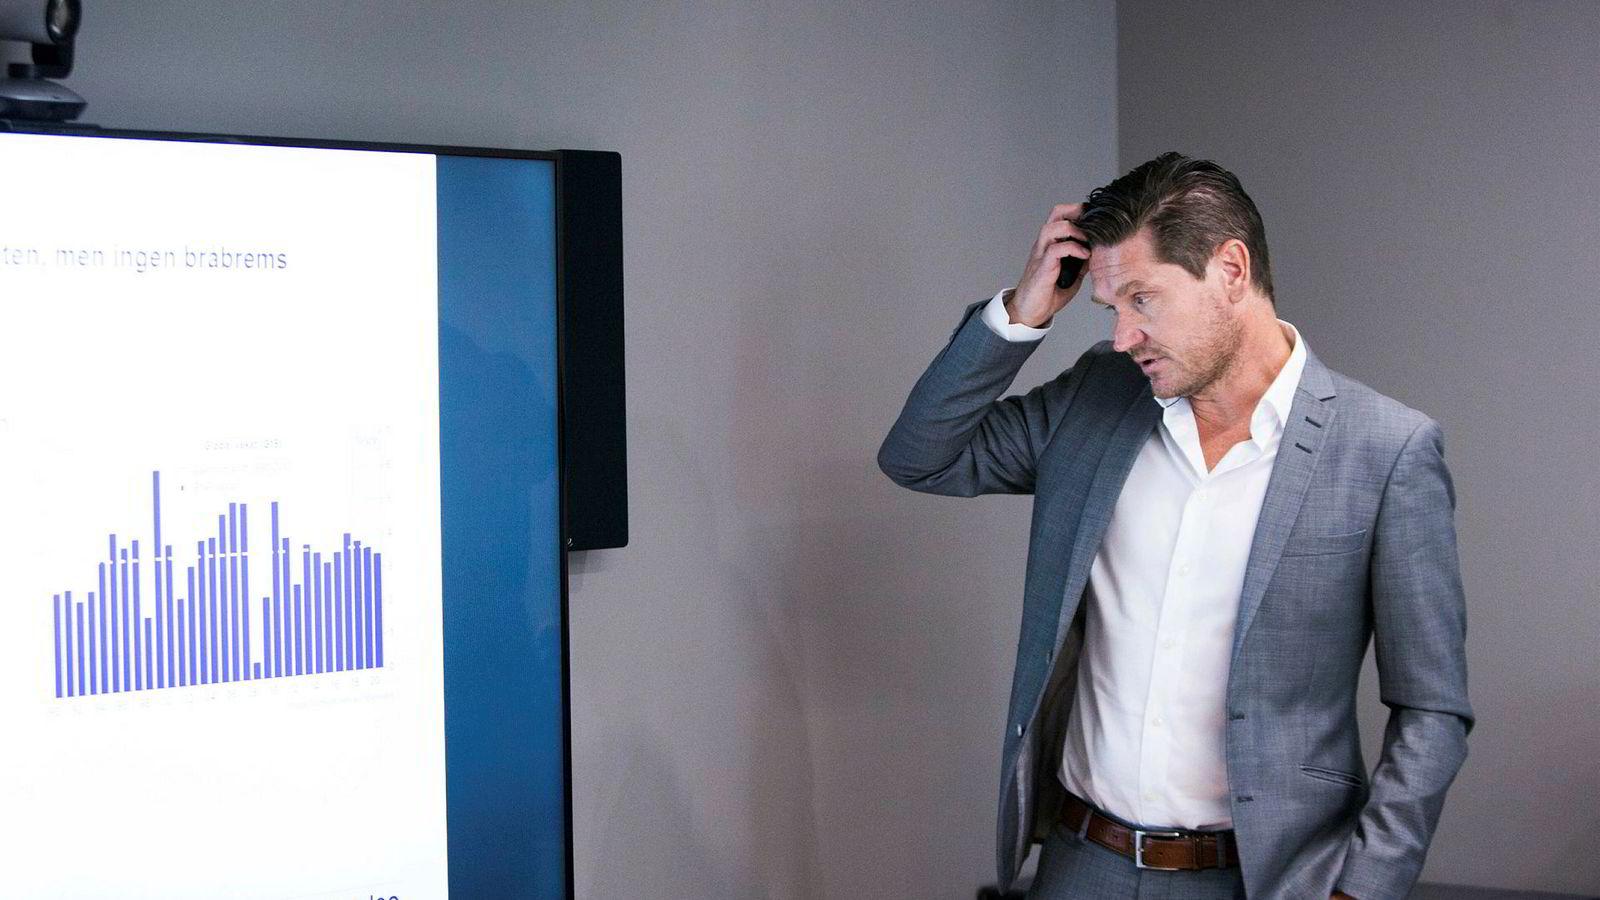 Sjeføkonom i Nordea Markets, Kjetil Olsen, spår at renten skal stige kraftig i de neste årene. Nordea Markets offentliggjorde onsdag 5. september oppdaterte prognoser for norsk og internasjonal økonomi i makrorapporten Nordea Economic Outlook.